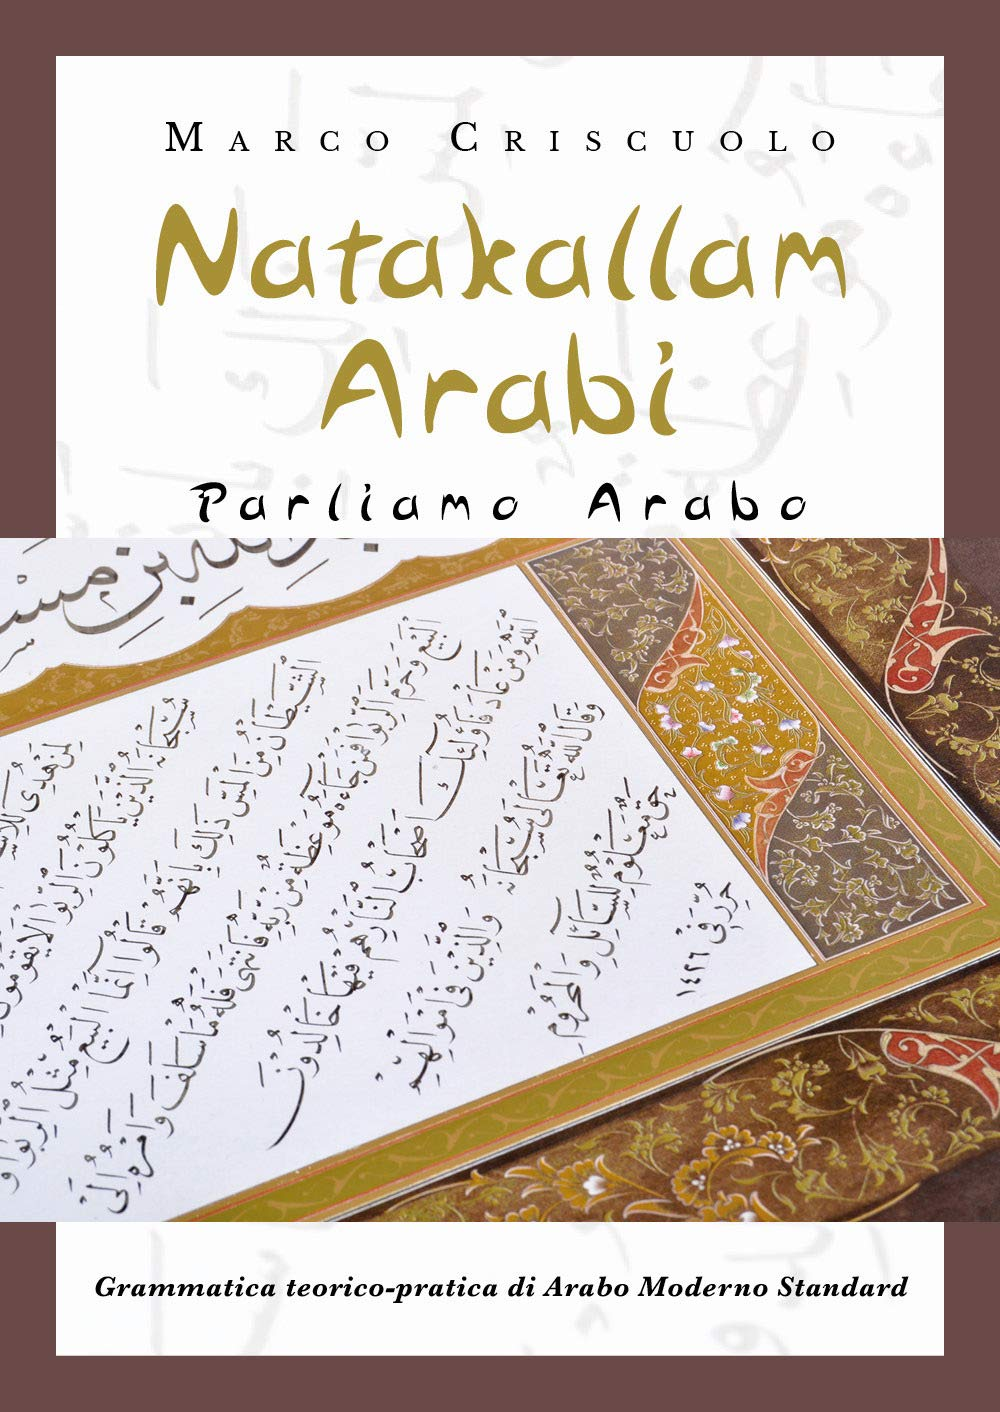 Natakallam Arabi. Parliamo arabo. grammatica teorico-pratica di arabo moderno standard